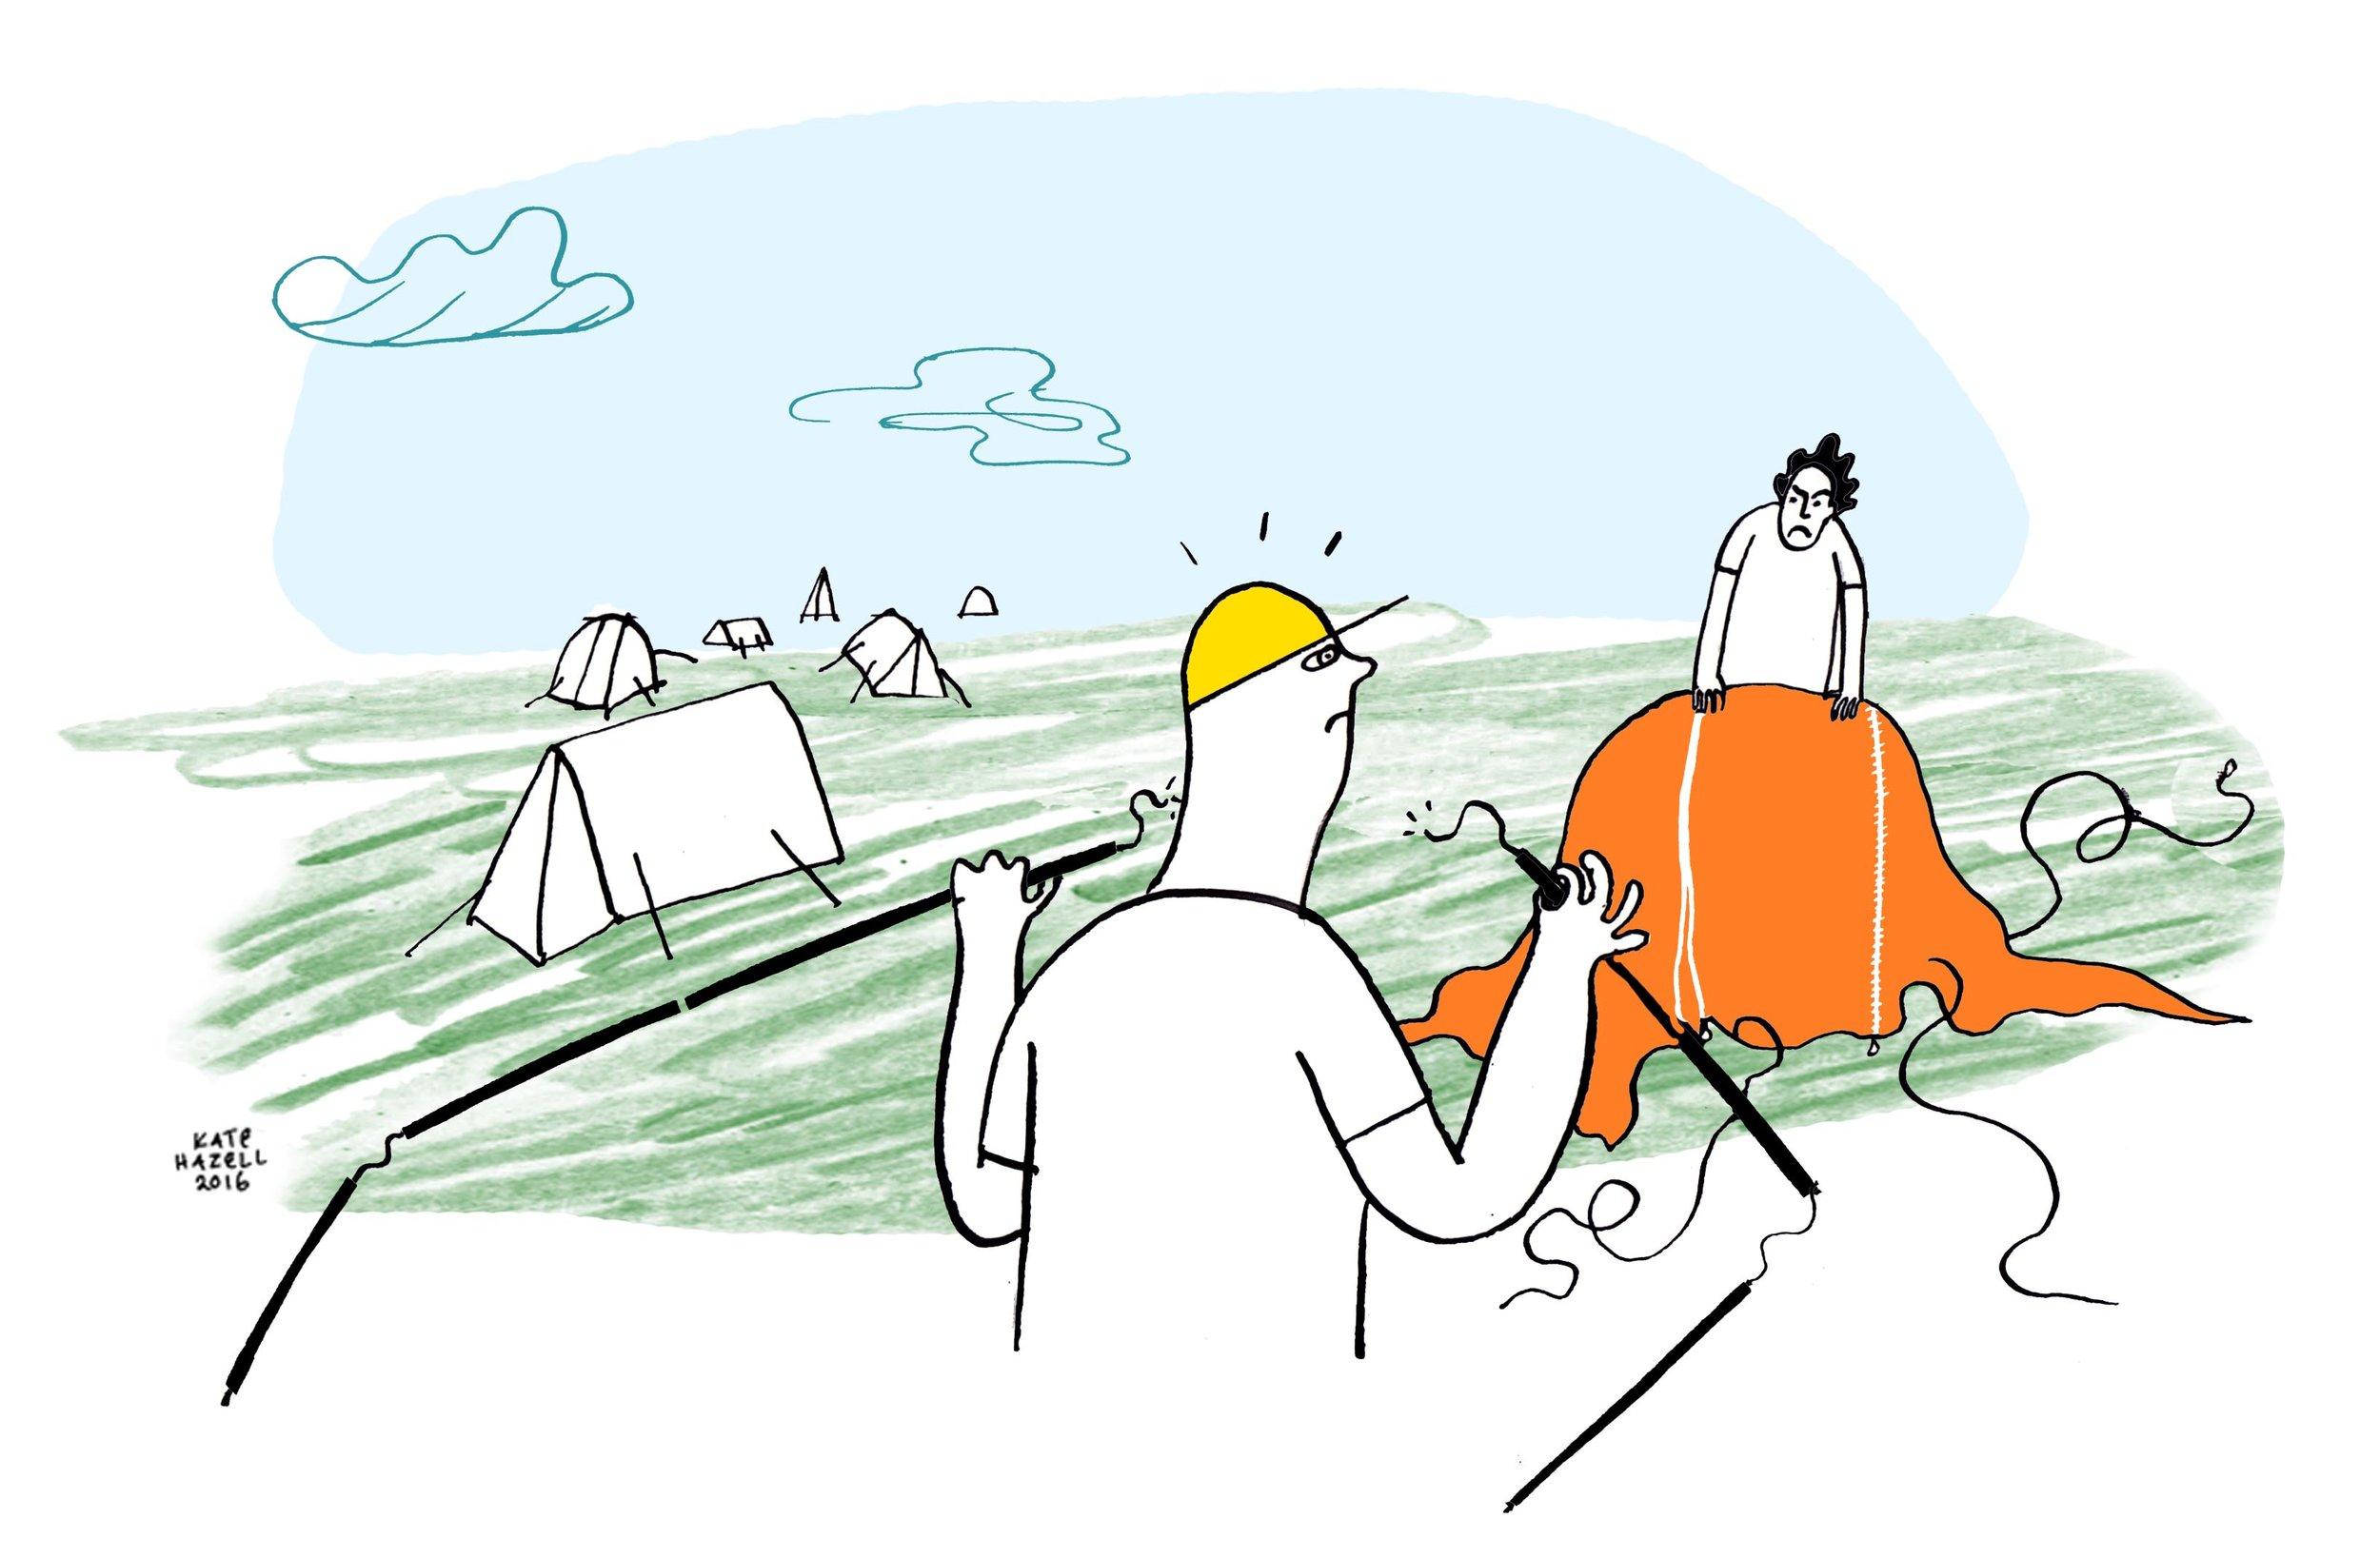 Festival tent_Kate Hazell.jpg